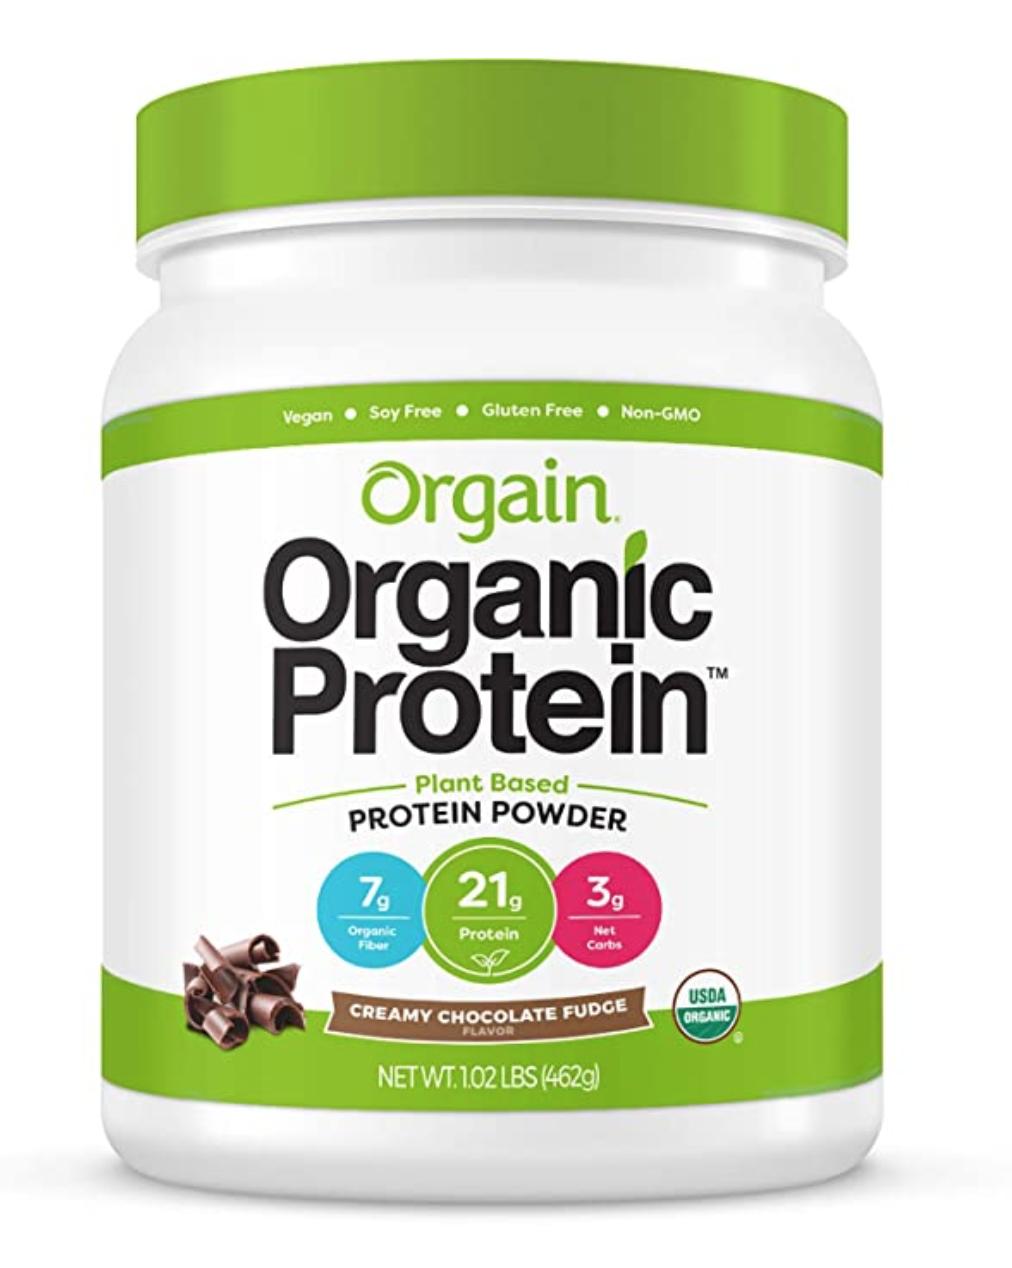 Orgain Protein Powder